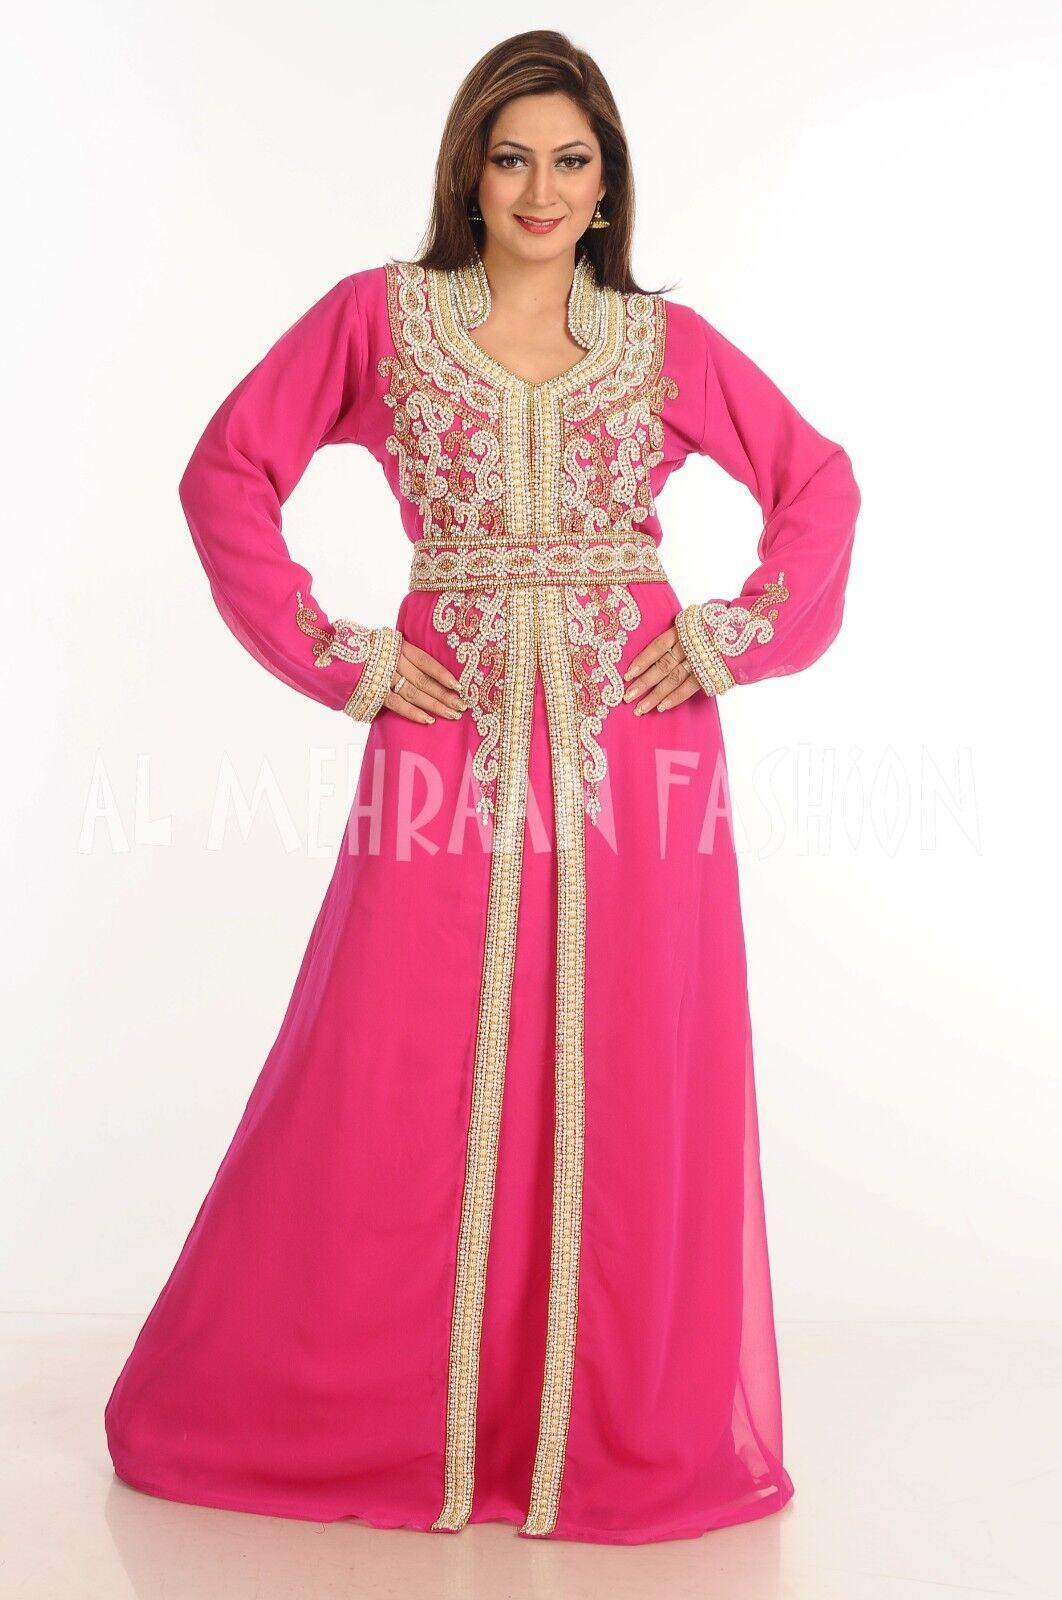 DUBAI MgoldCCAN ISLAMIC ABAYA JALABIYA JALABIYA JALABIYA JILBAB WEDDING GOWN FANCY MAXI DRESS 115 5f4432